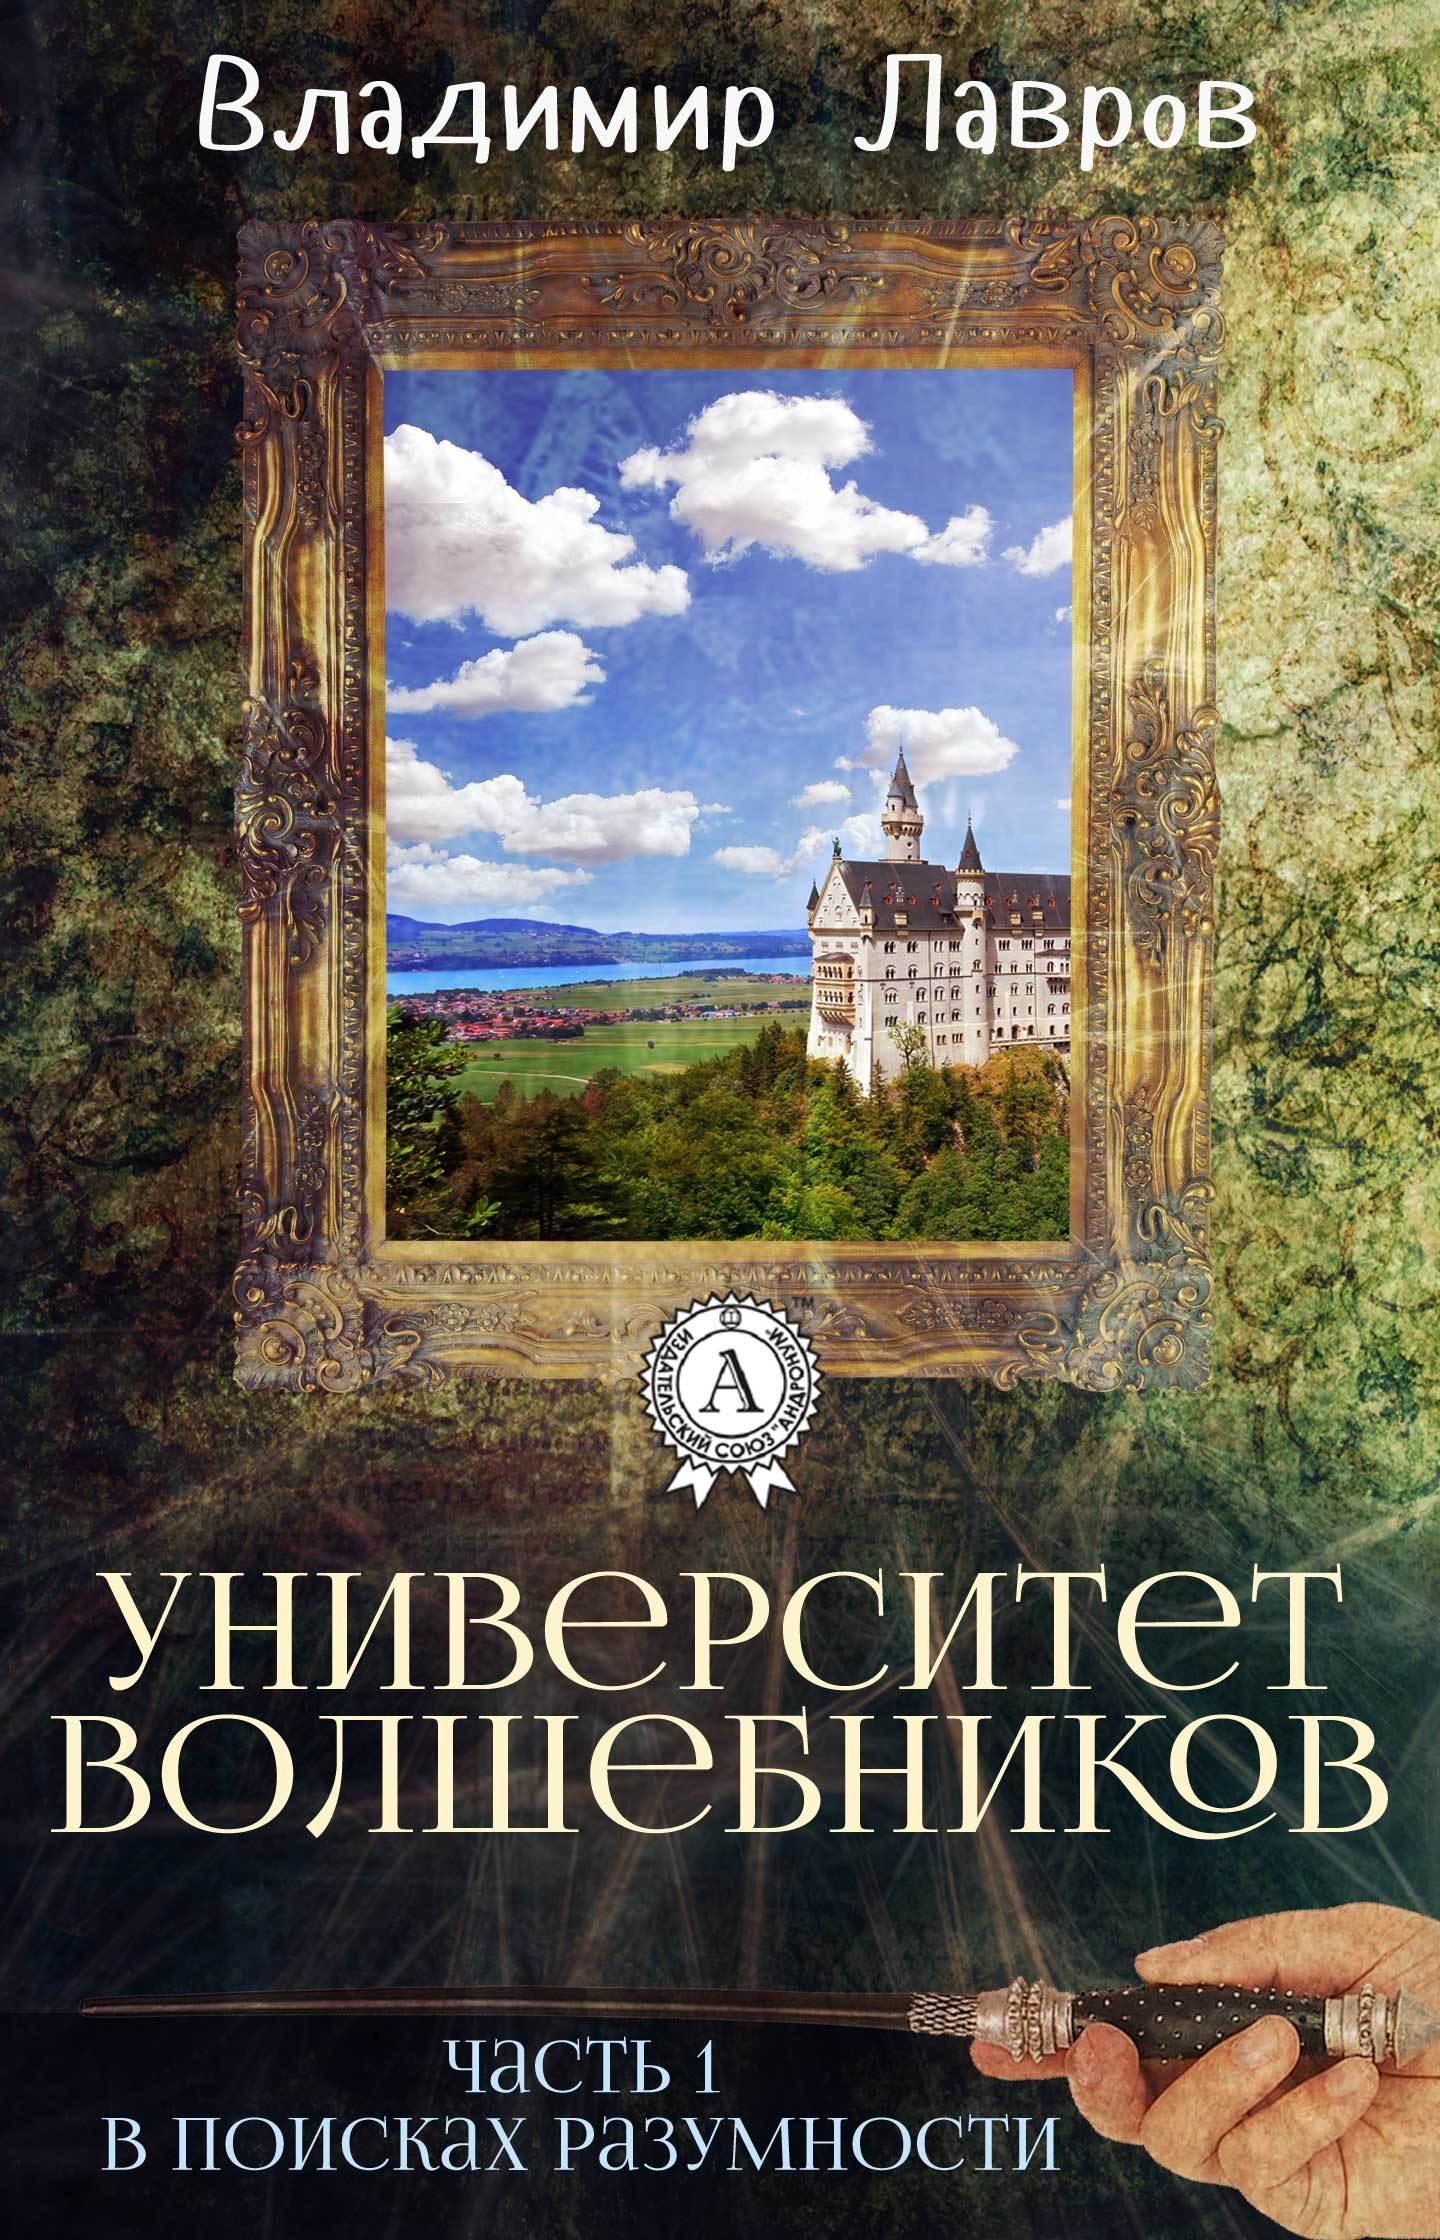 занимательное описание в книге Владимир Лавров